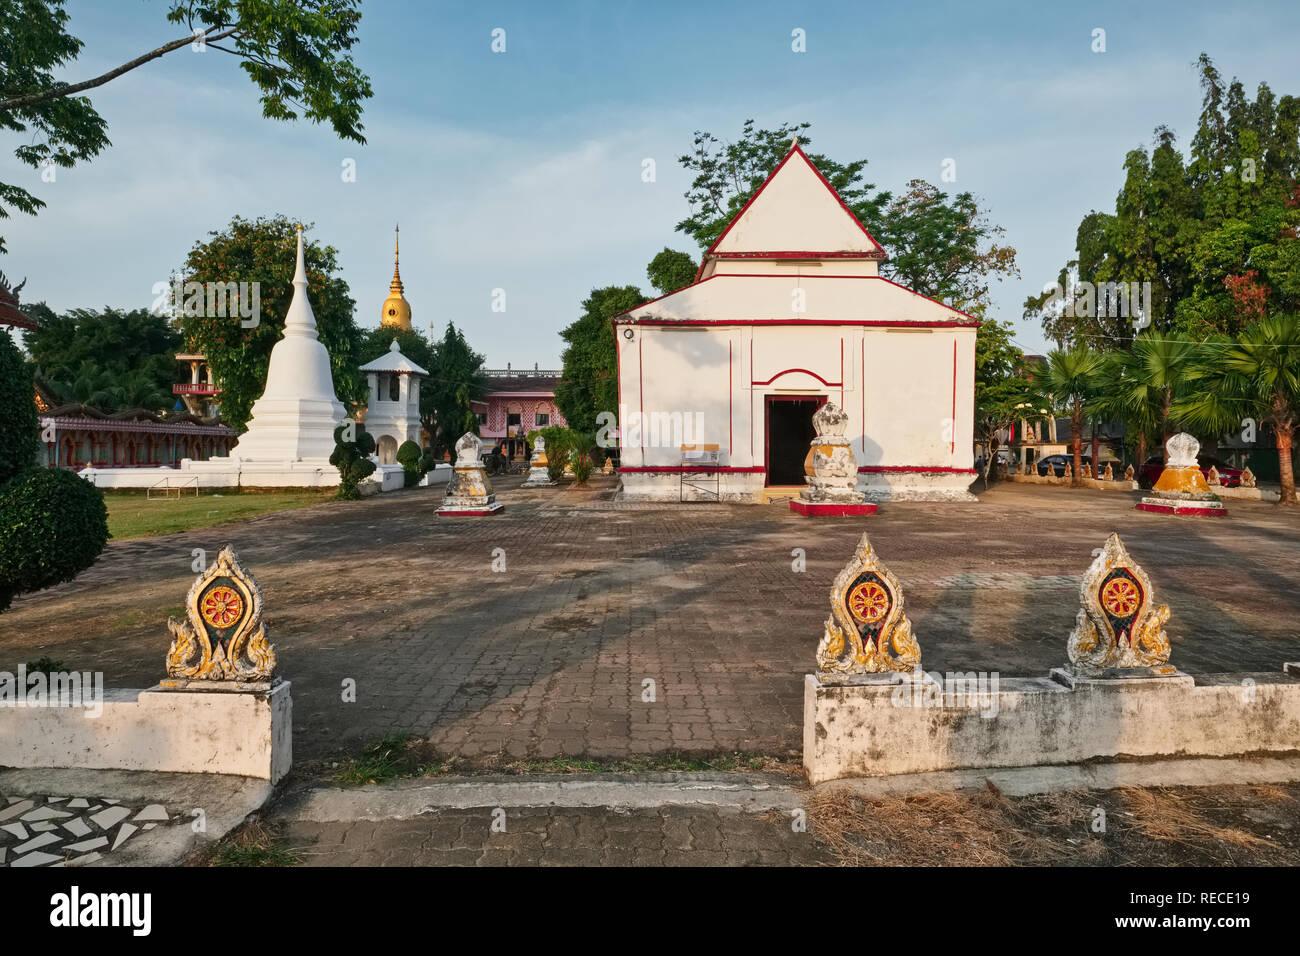 The old, historically imprtant Bot or Ubosot (ordination hall; right) of Wat Phra Nang Sang, Thalang, Phuket, Thailand; front: Sema or boundary stones Stock Photo